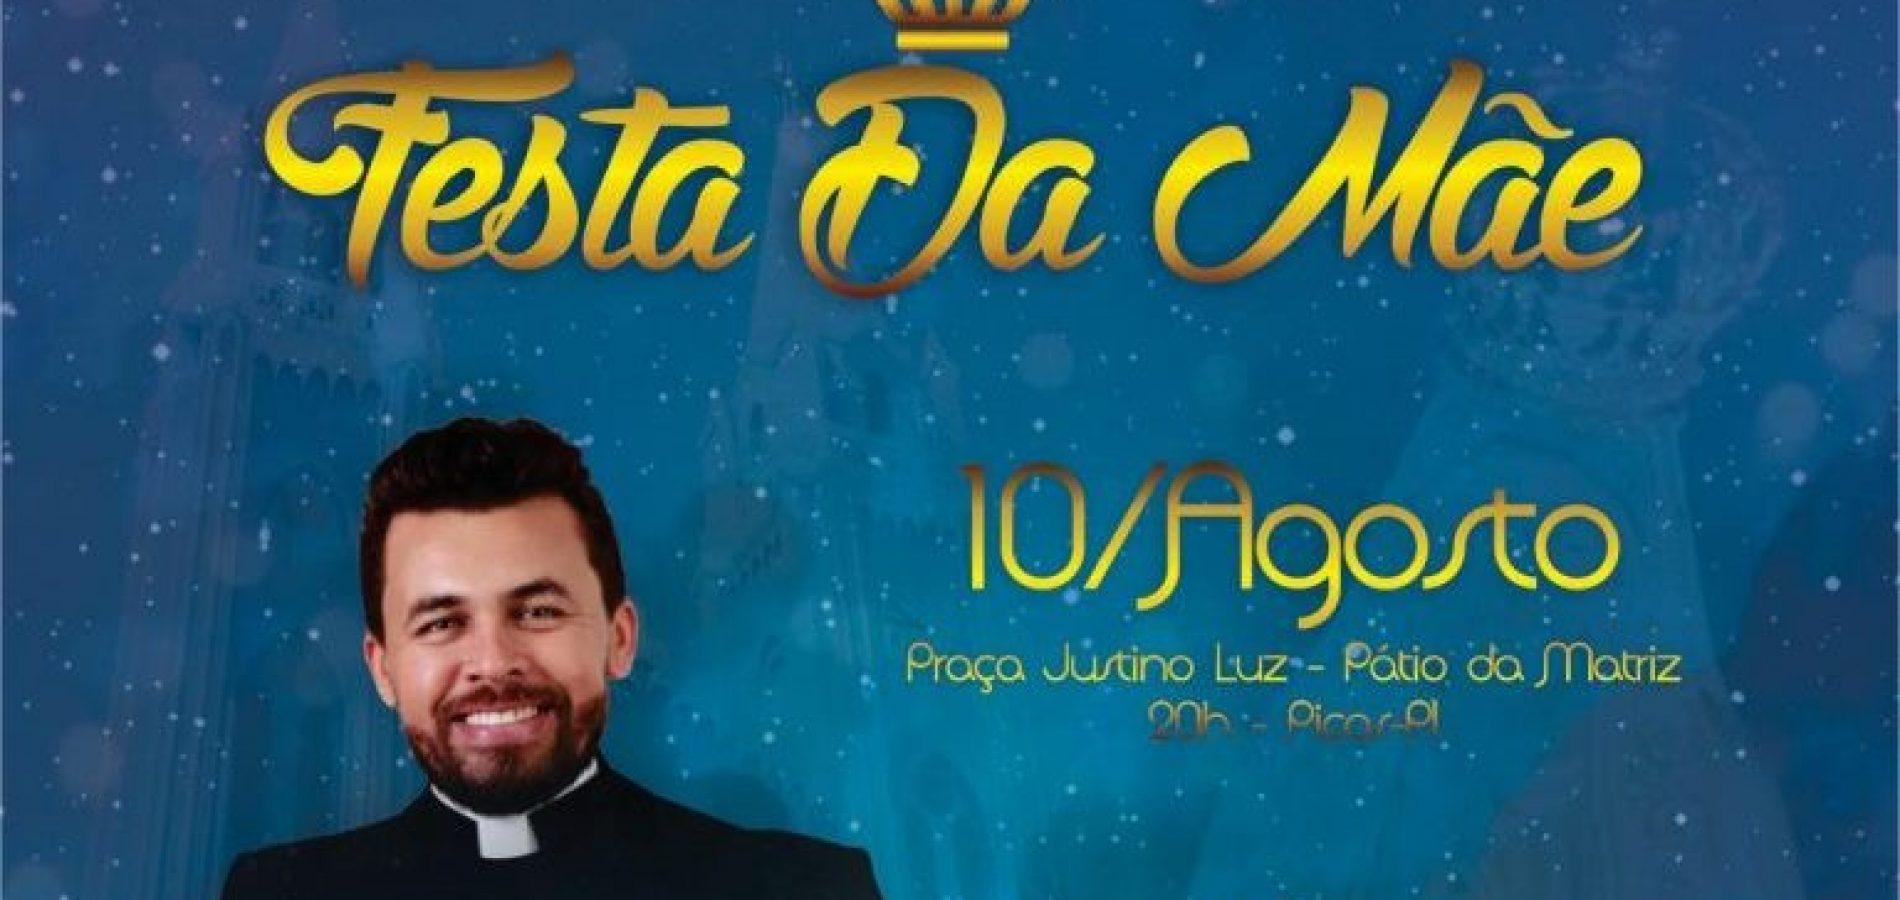 Prefeitura de Picos realizará show católico com Padre Jardel e Banda Mais Fides